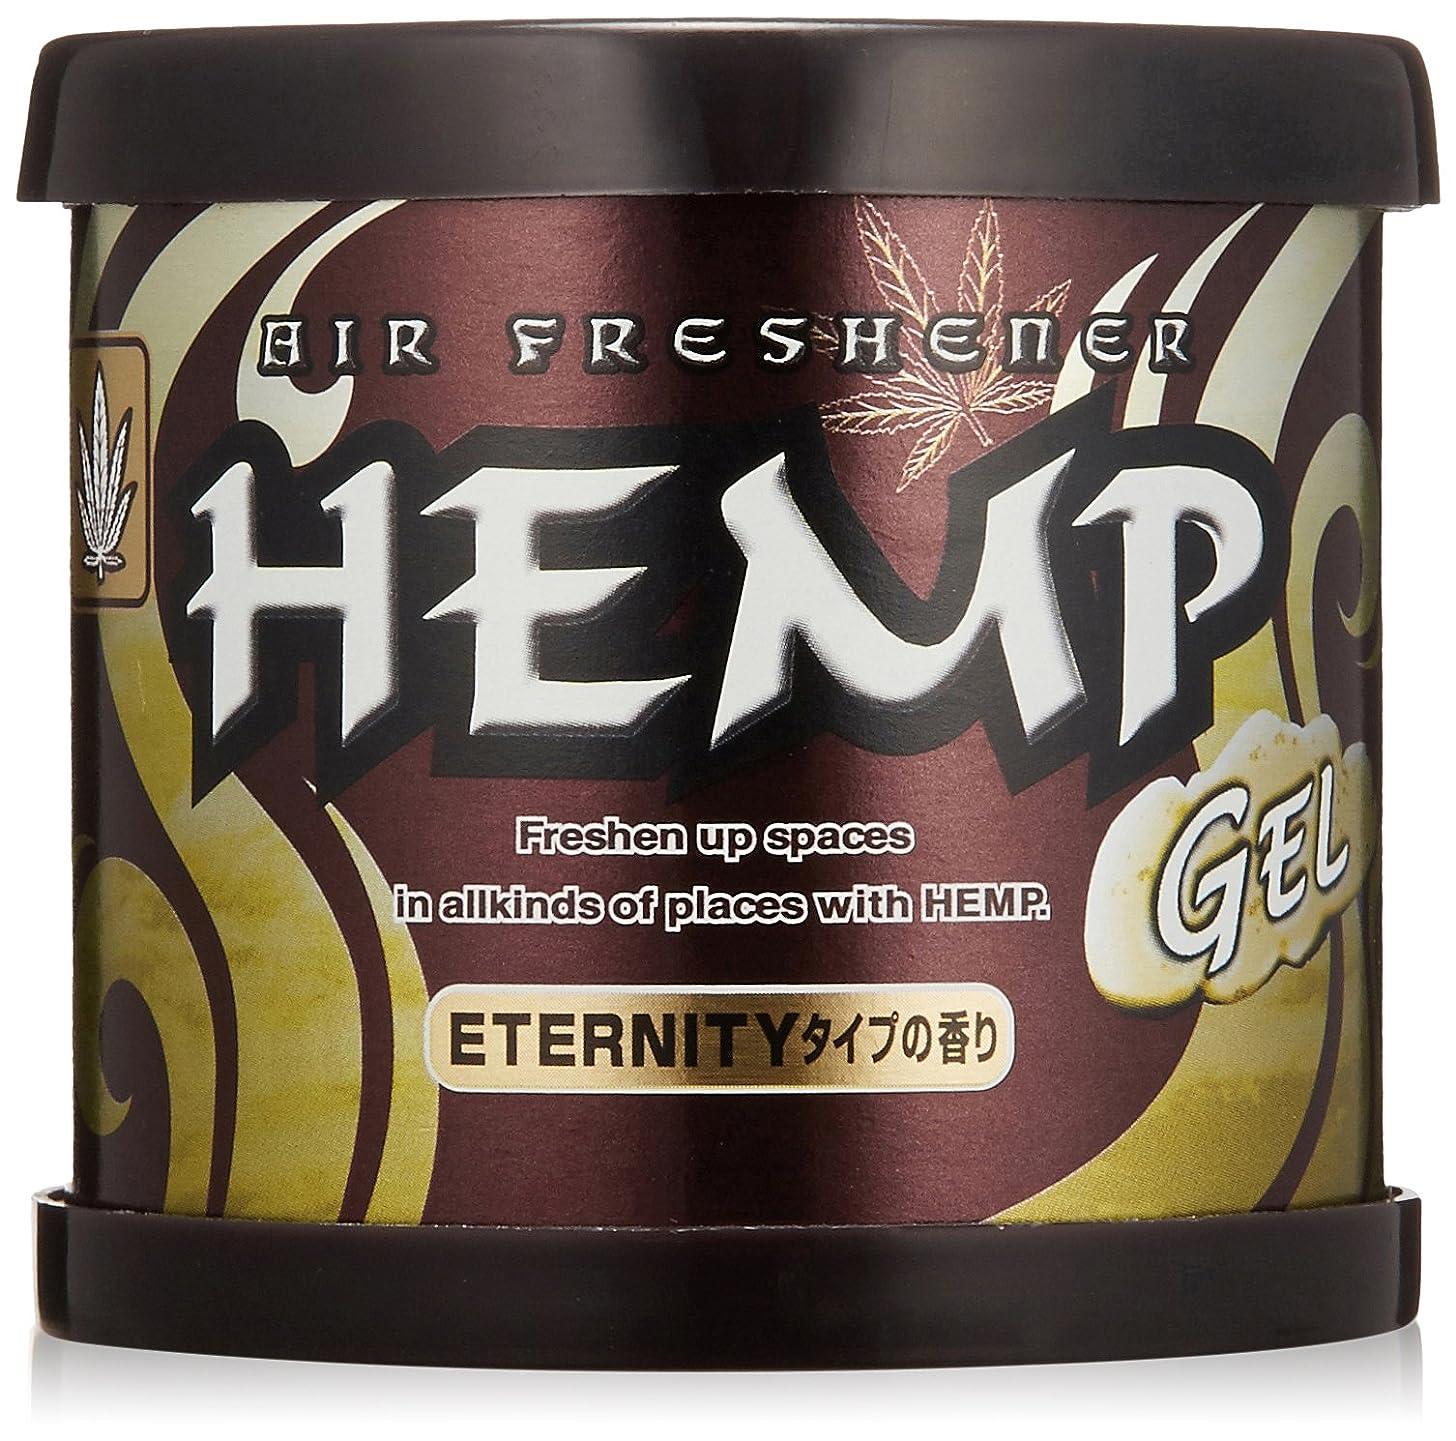 ティーンエイジャー差し控えるヘンプ 消臭 芳香剤 フレグランスジェル エターナルサンシャイン 80g OA-HEG-1-4